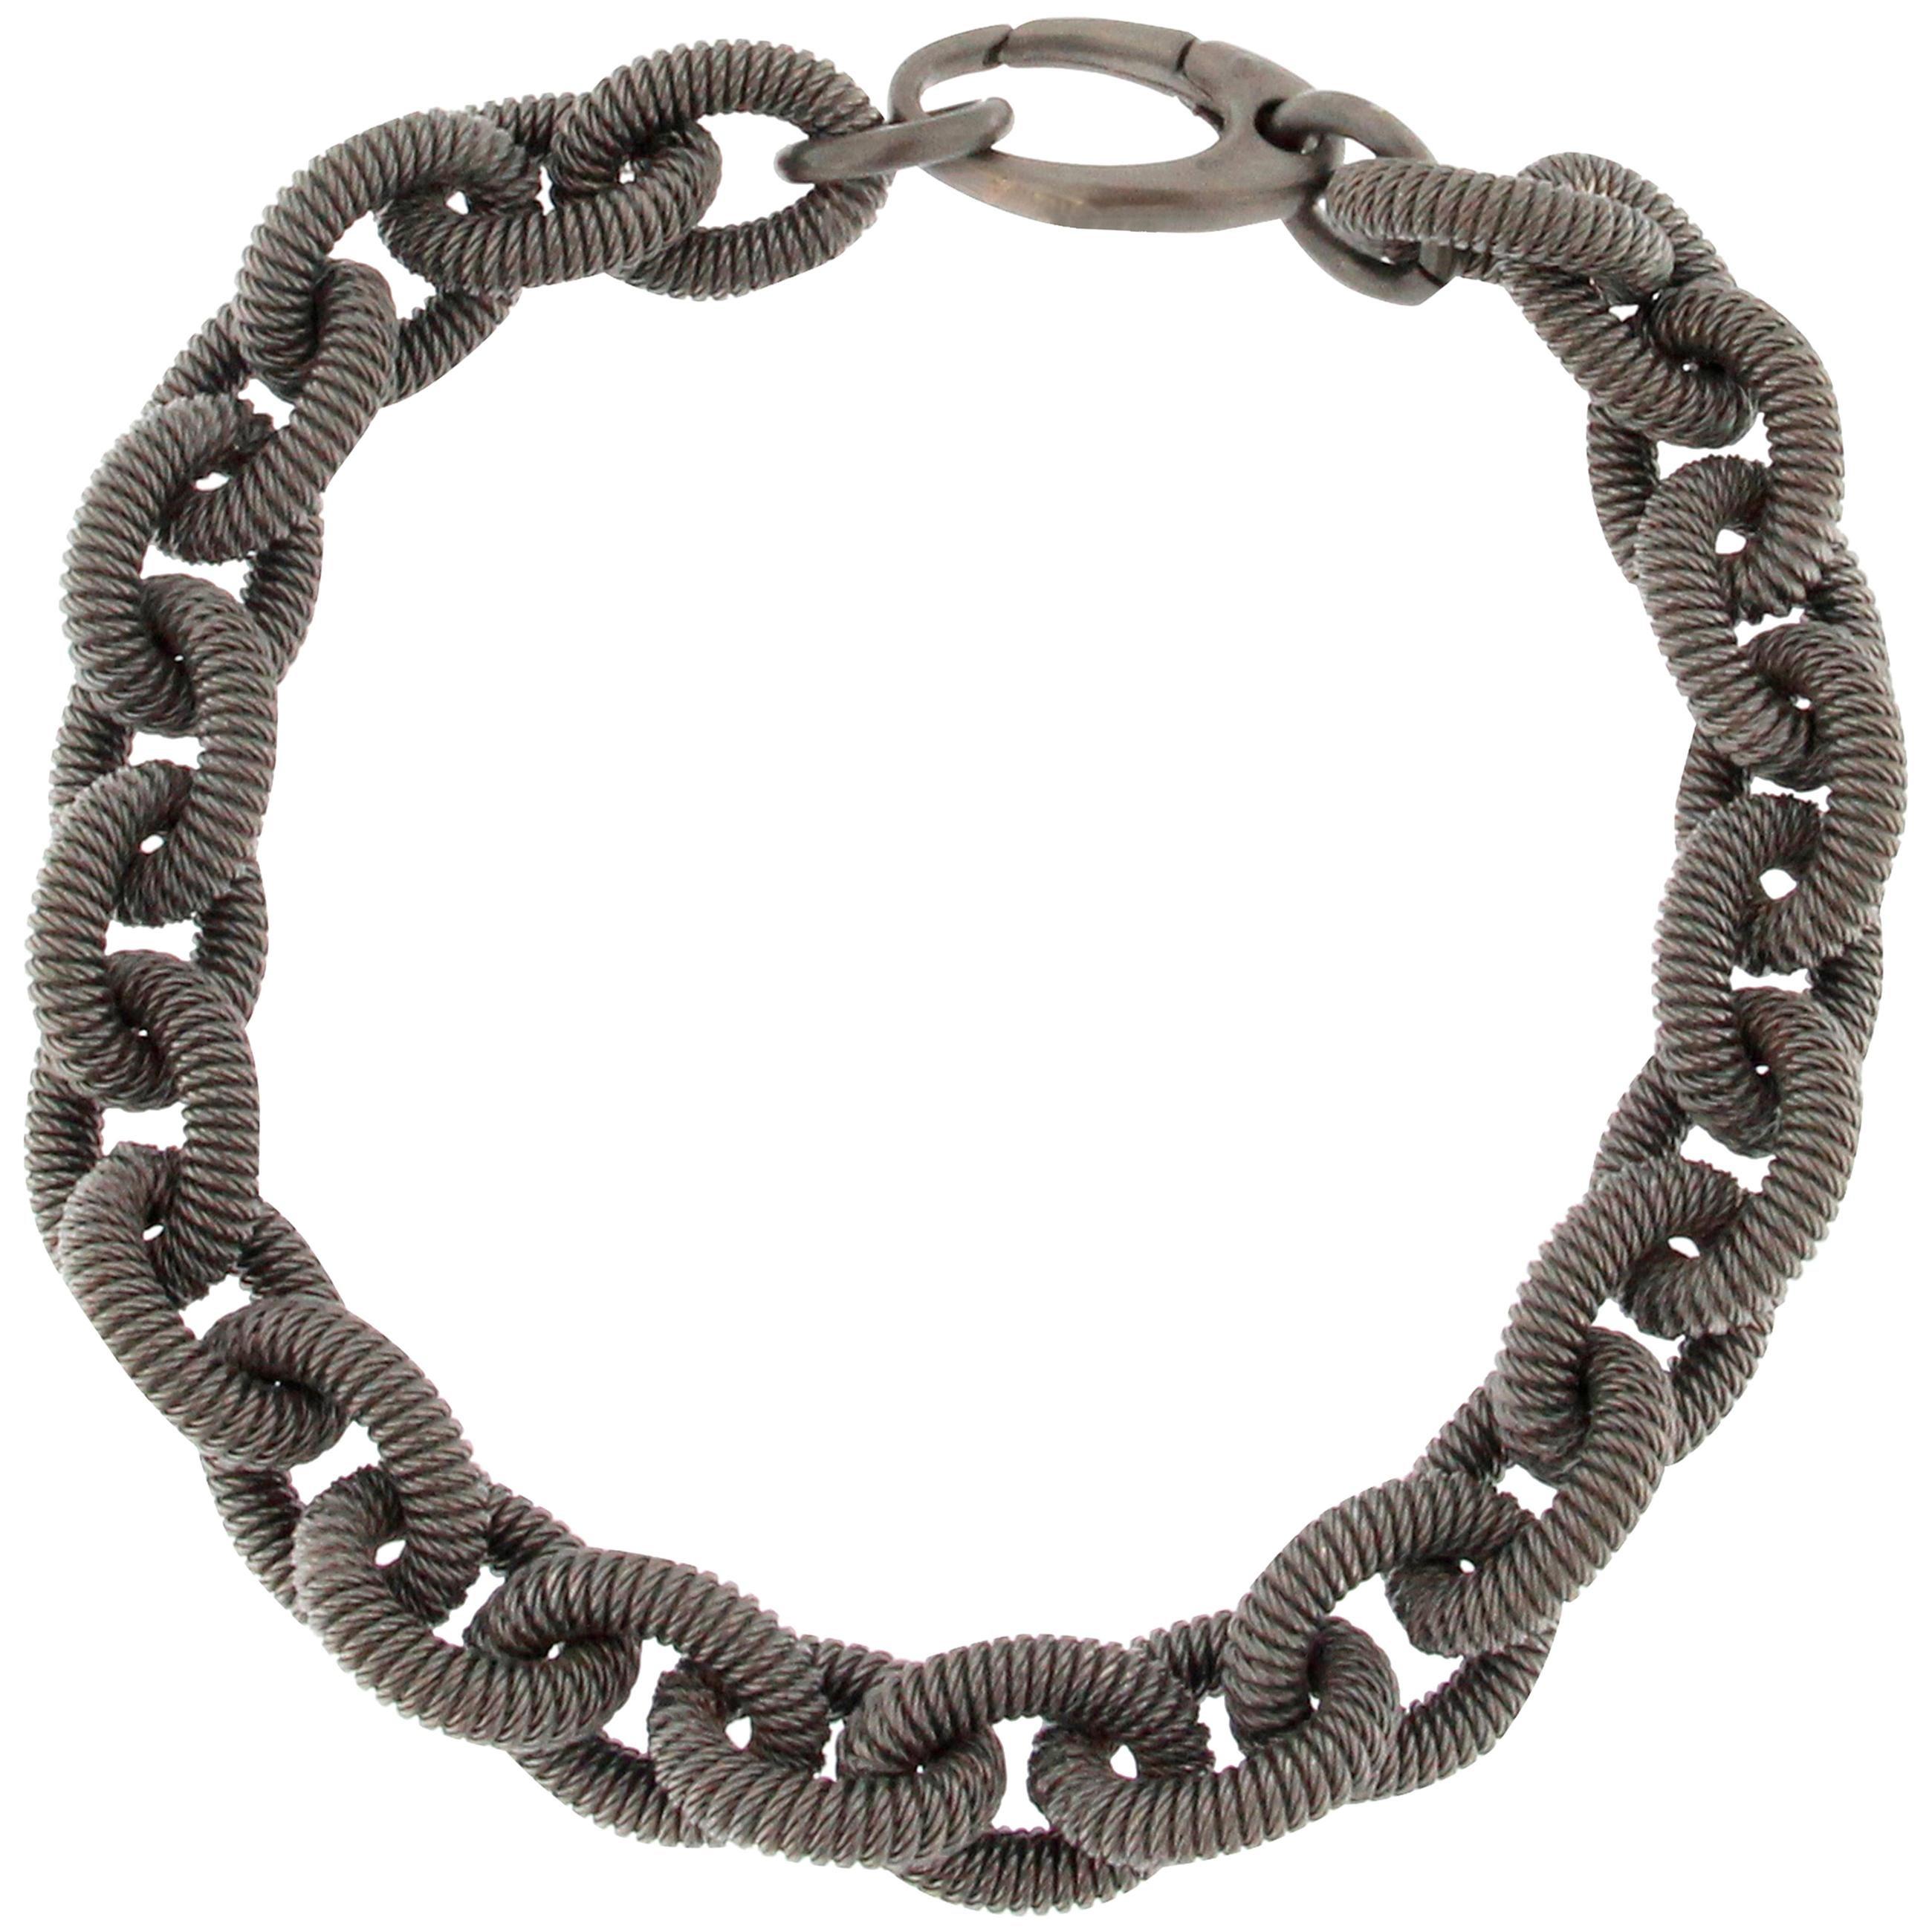 Jona Sterling Silver Link Chain Bracelet